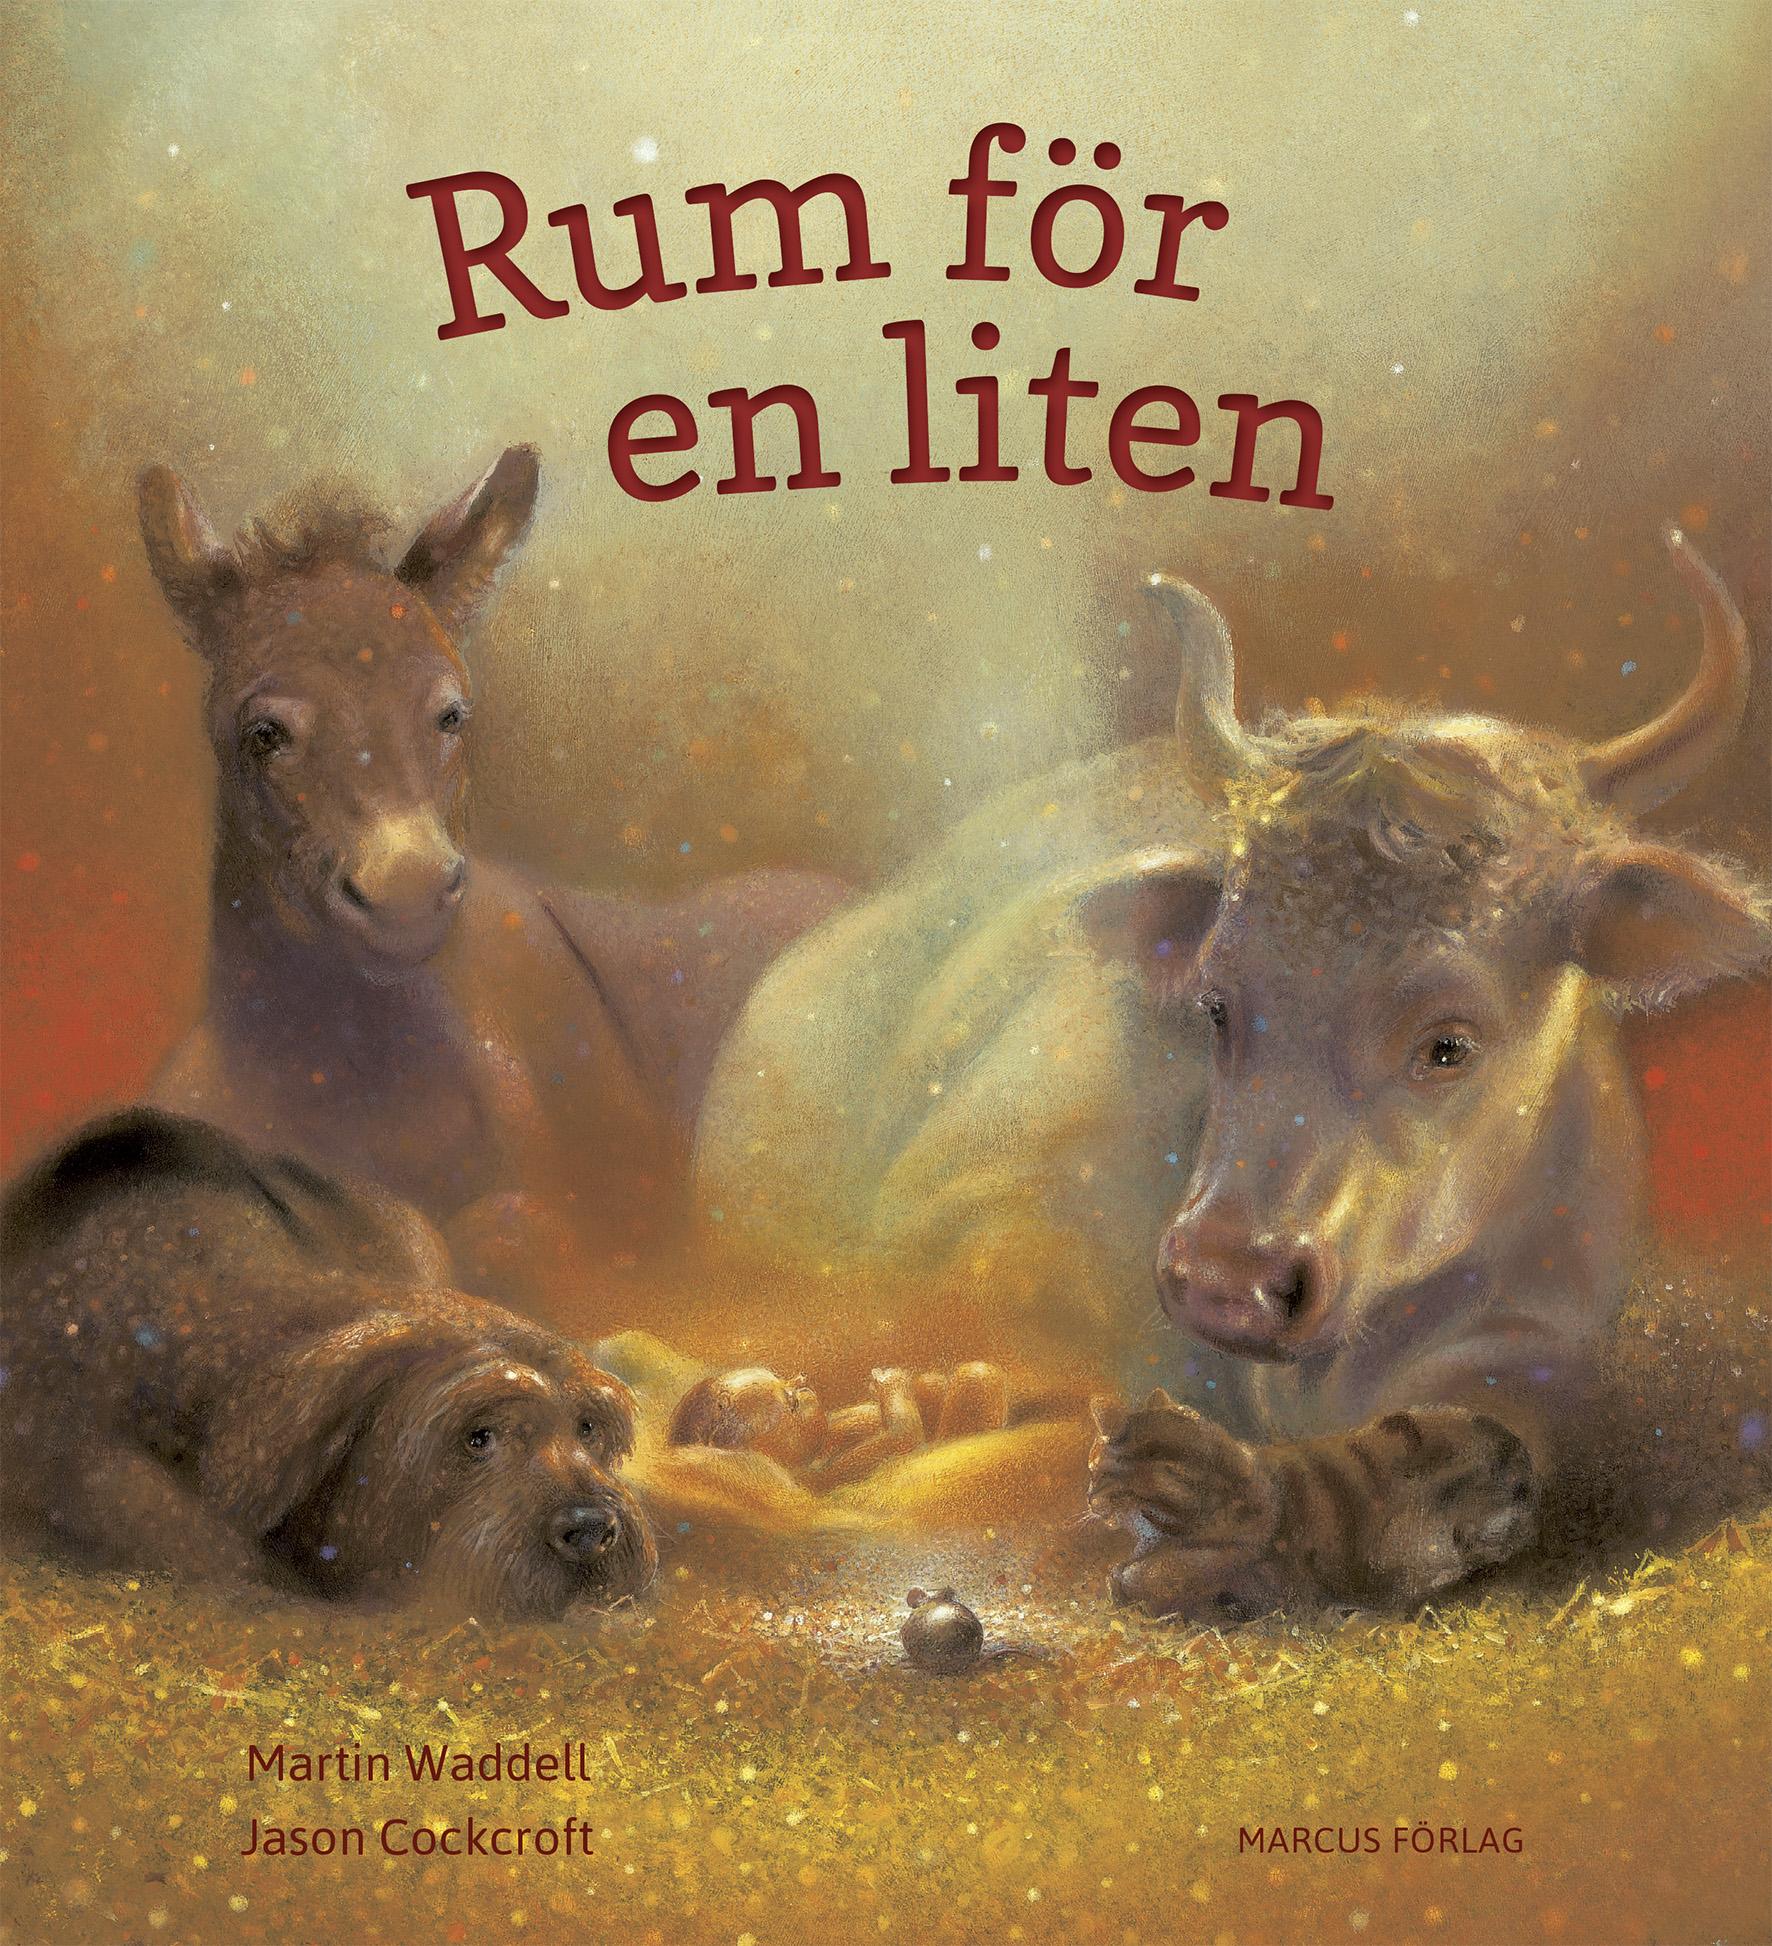 Image for Rum för en liten from Suomalainen.com